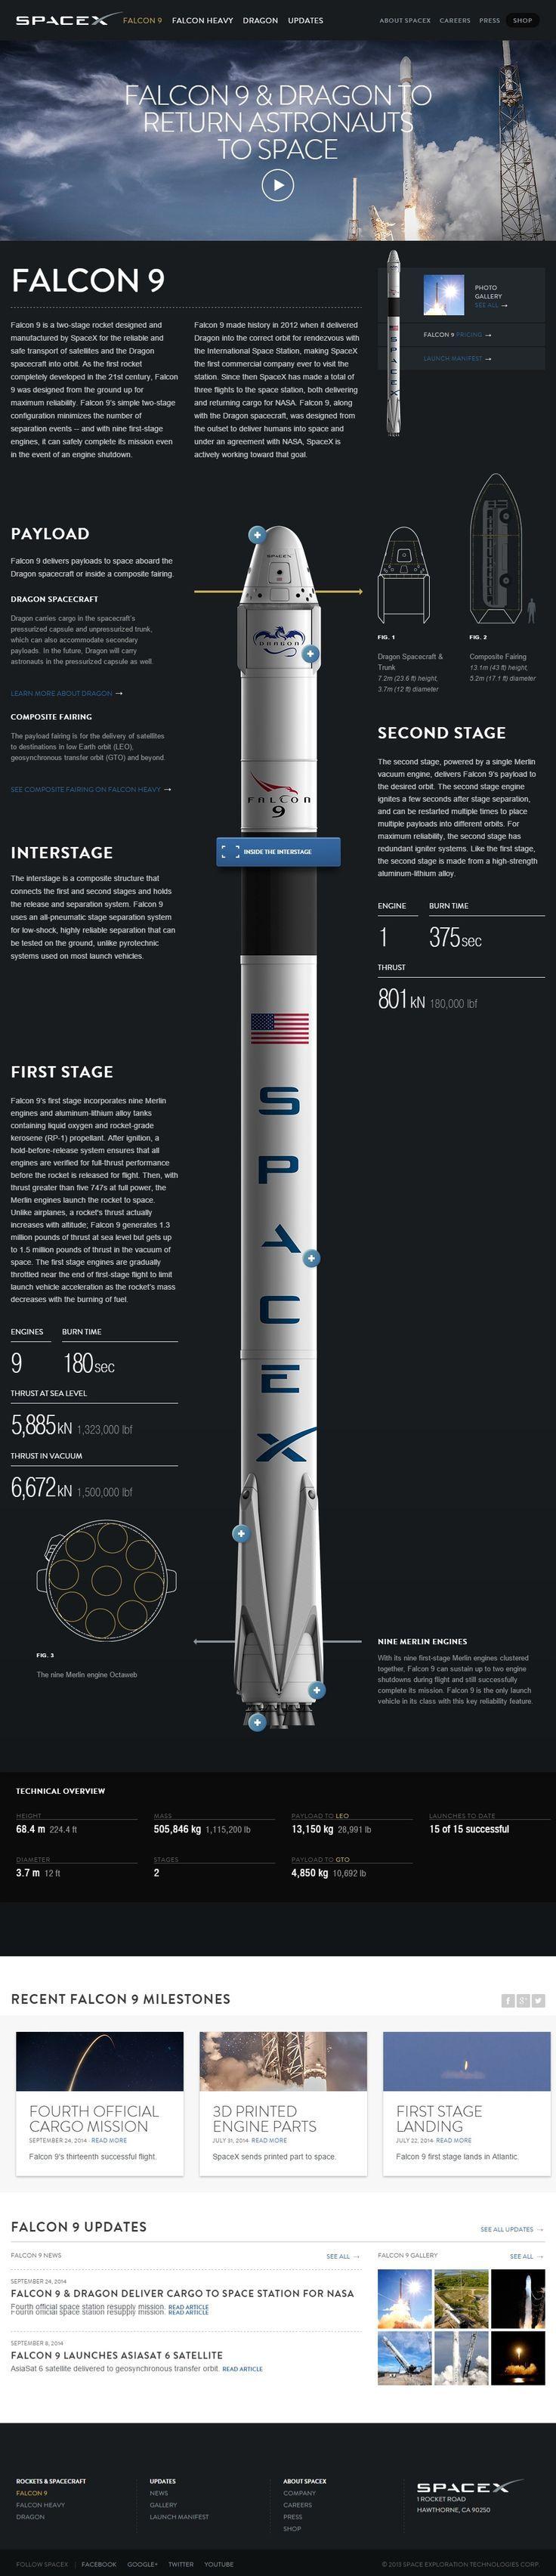 Falcon 9 More